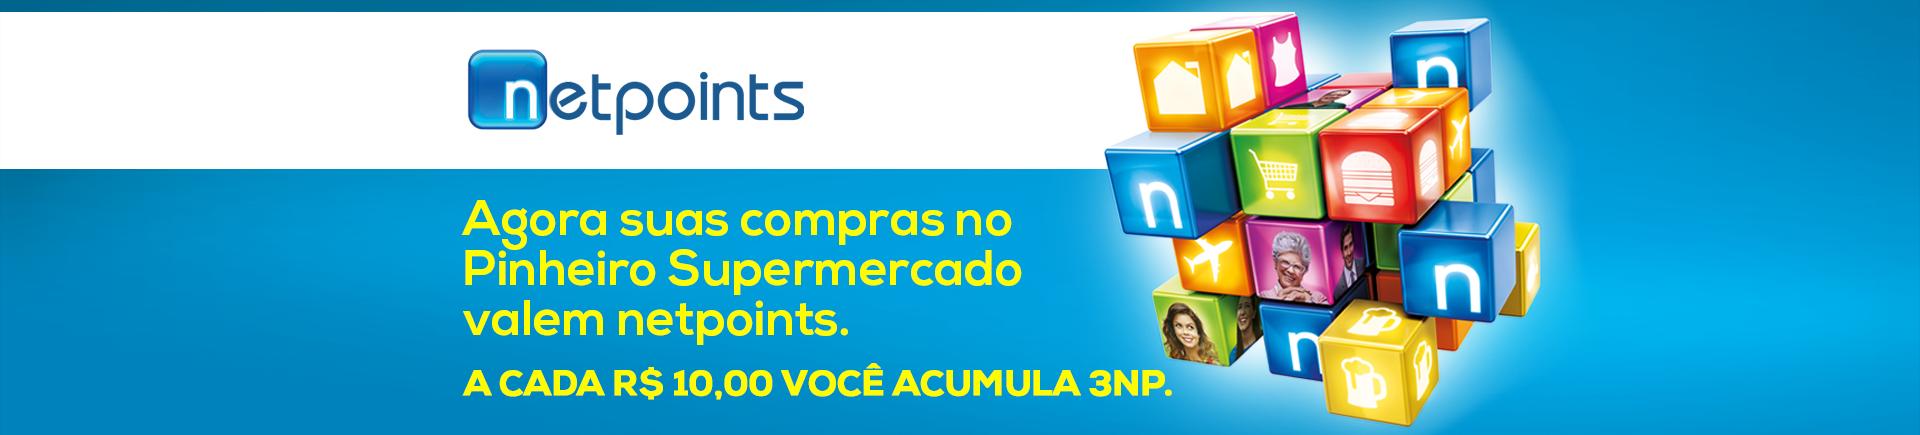 7 - Promoção Netpoints